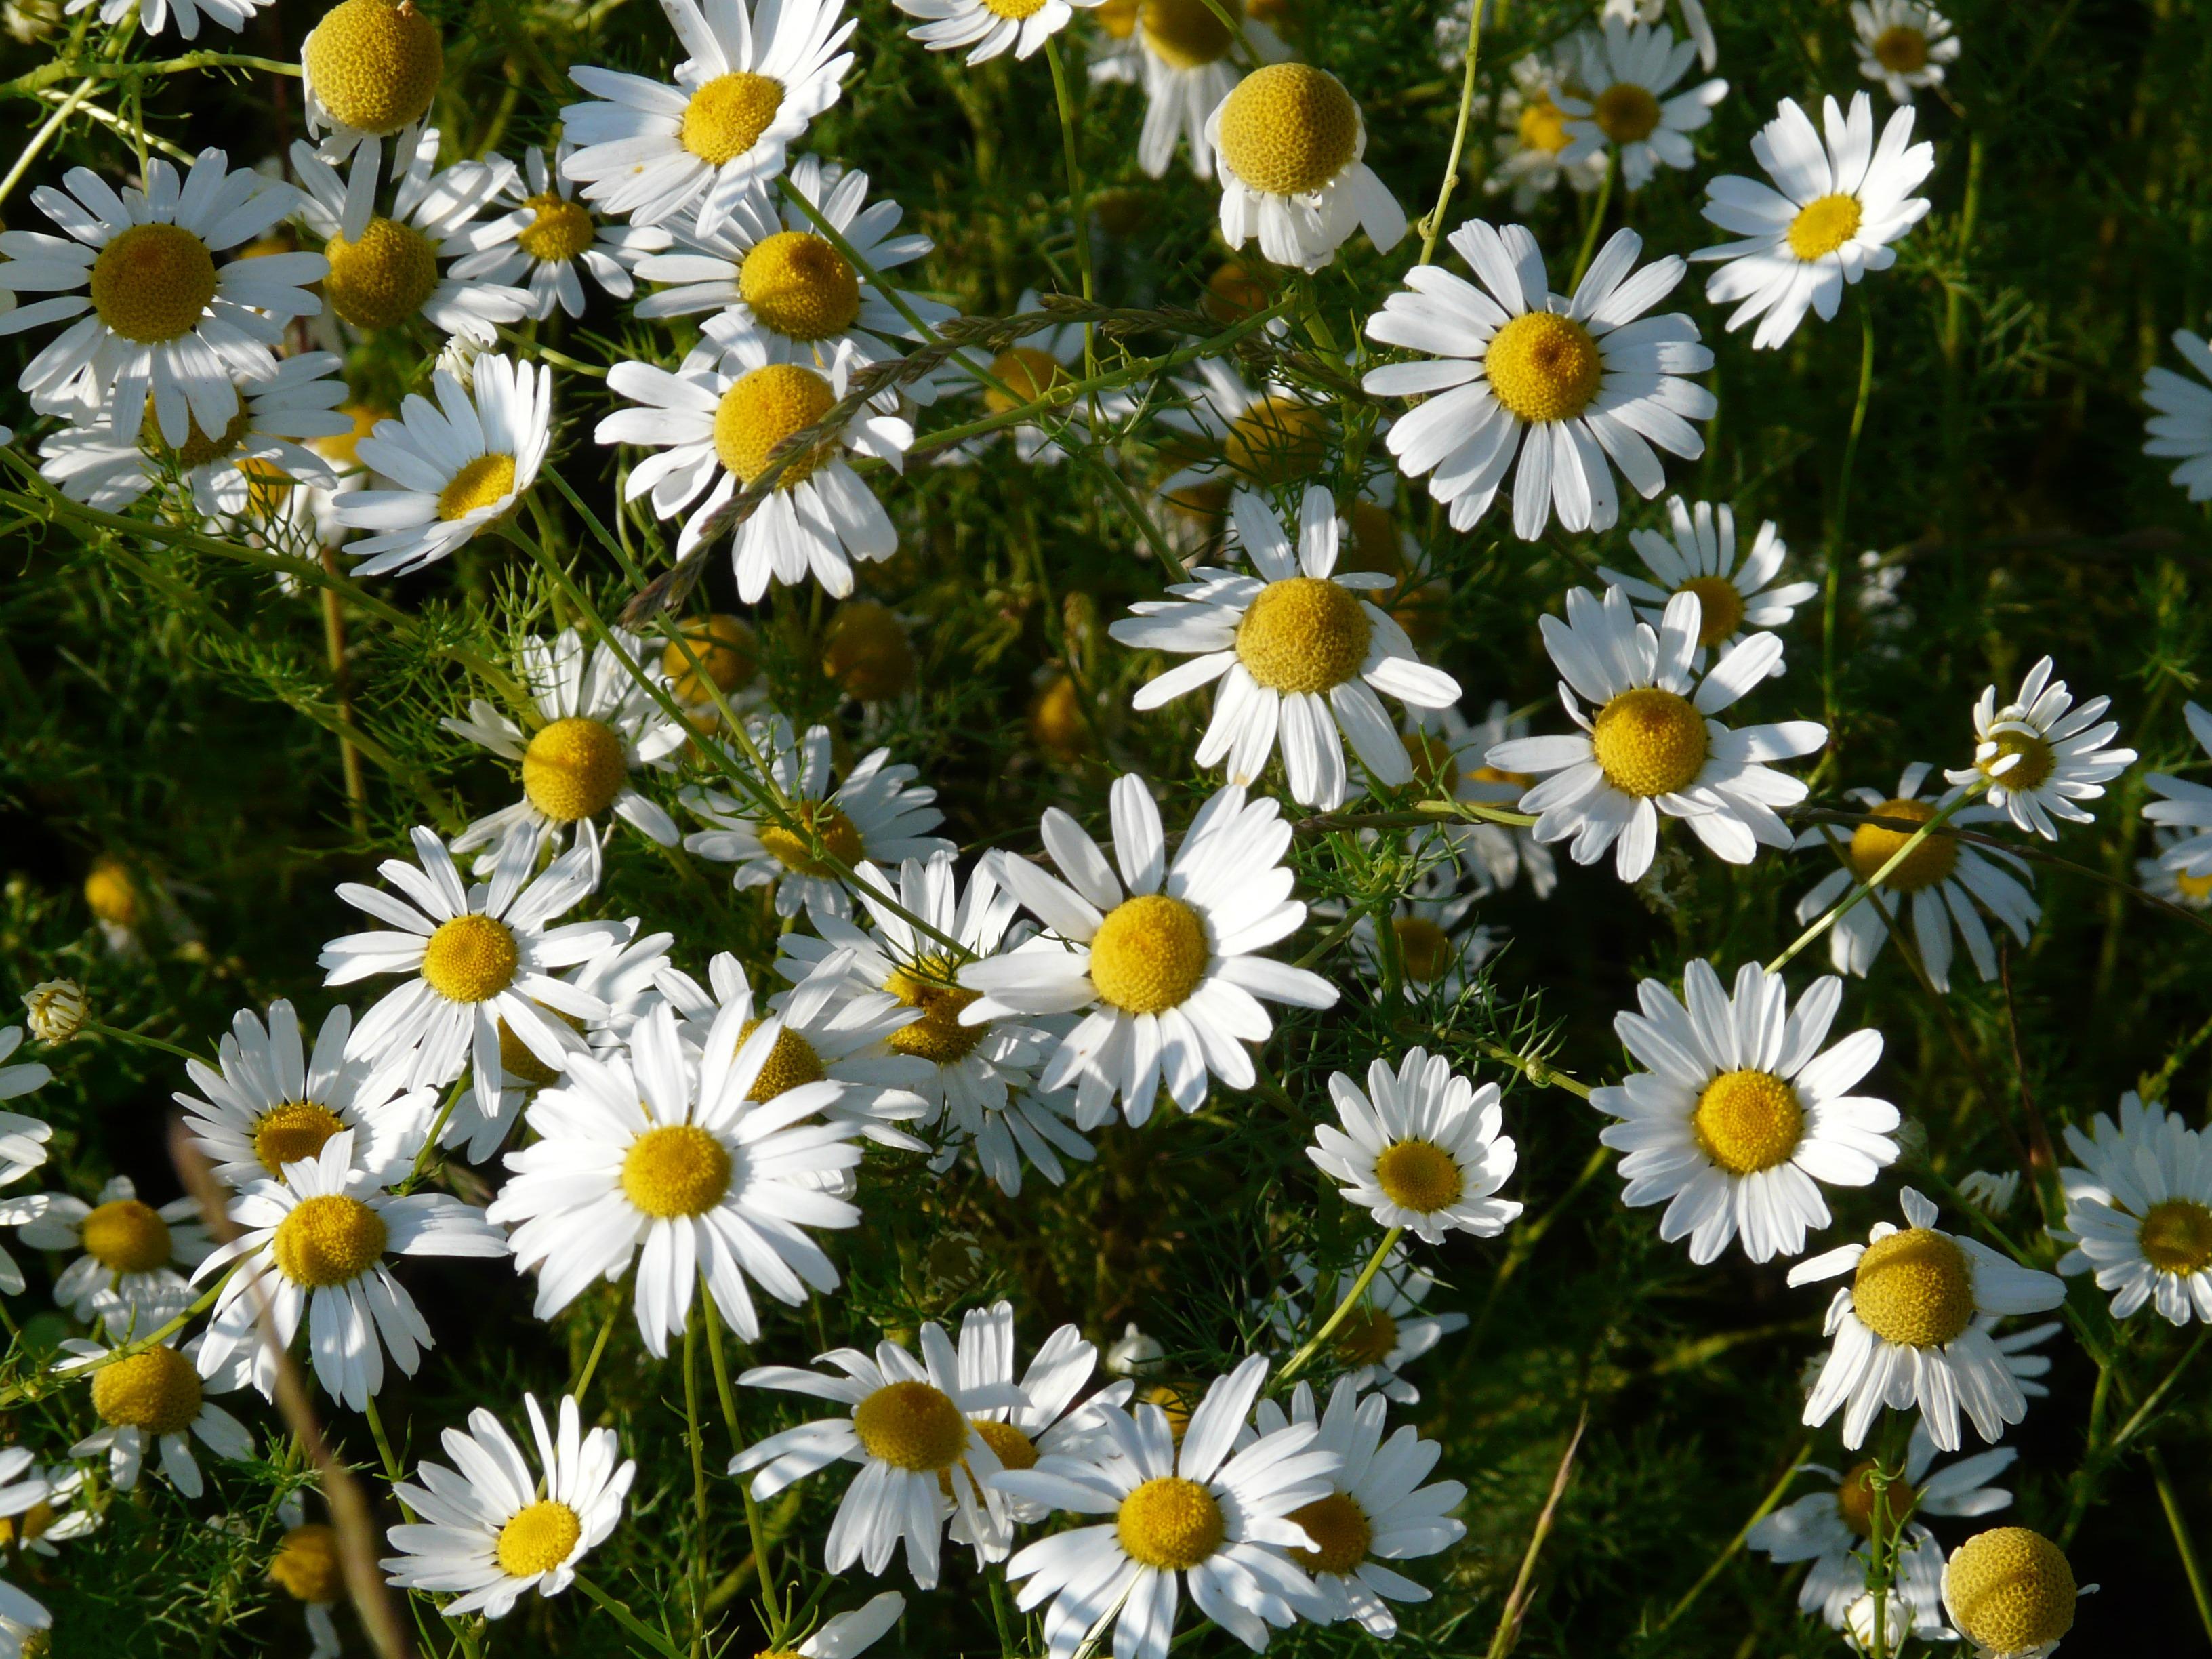 Gambar Menanam Padang Rumput Daun Bunga Bunga Aster Herba Botani Flora Bunga Liar Bunga Bunga Asteraceae Kamomil Komposit Hal Berkembang Tanaman Berbunga Keluarga Daisy Keranjang Bunga Chamomile Asli Mata Lembu Daisy Bidang